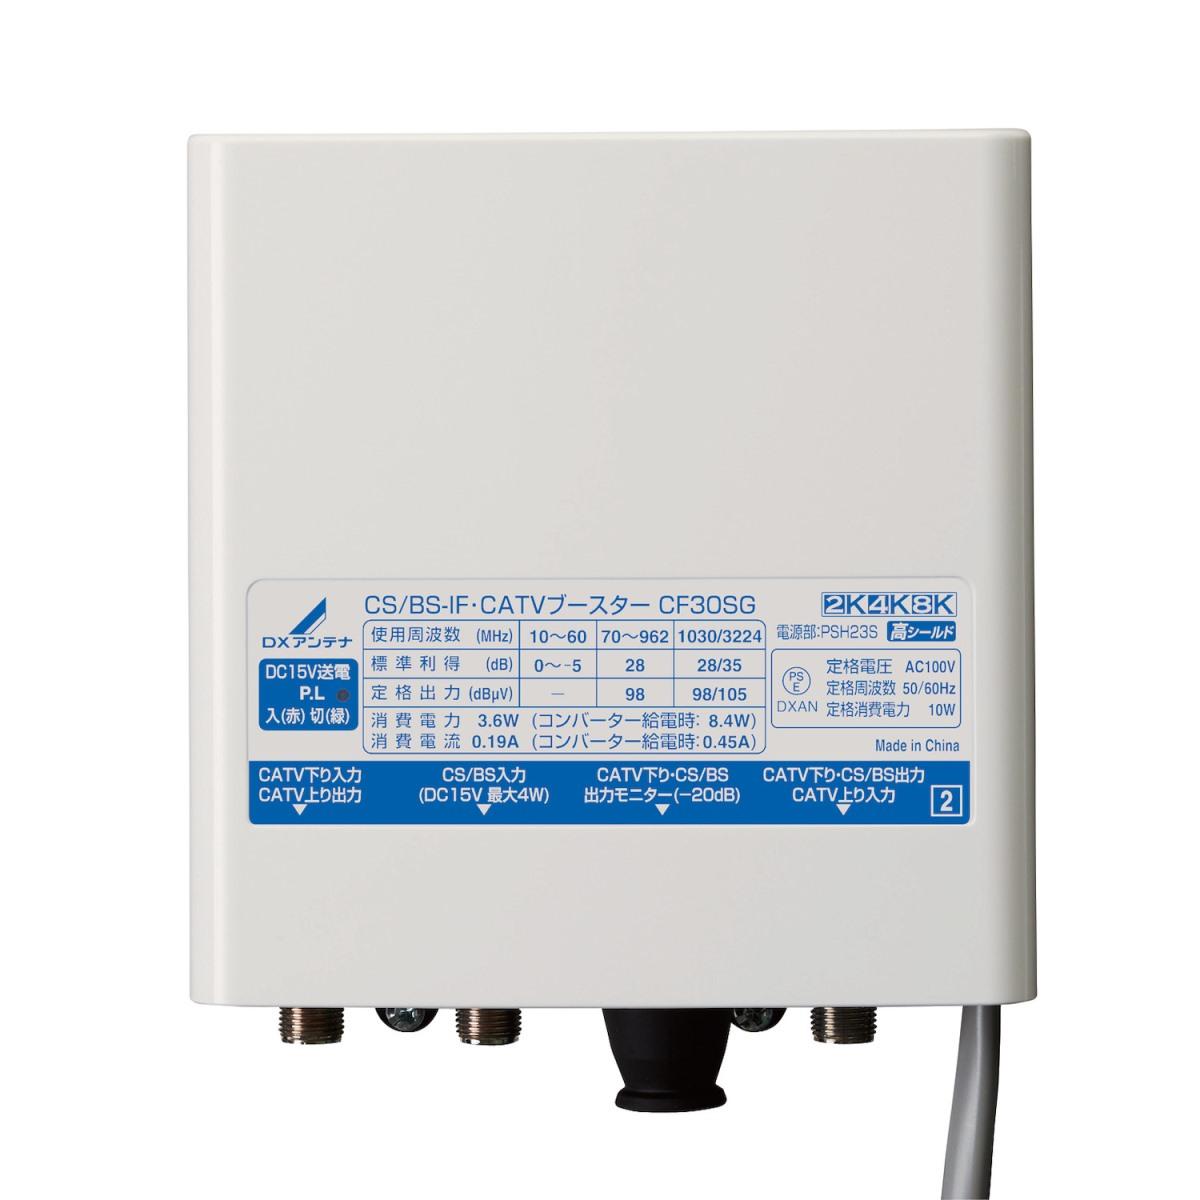 DXアンテナ 2K・4K・8K対応 CS/BS-IF・CATVブースター (30dB形上りパス) CF30SG